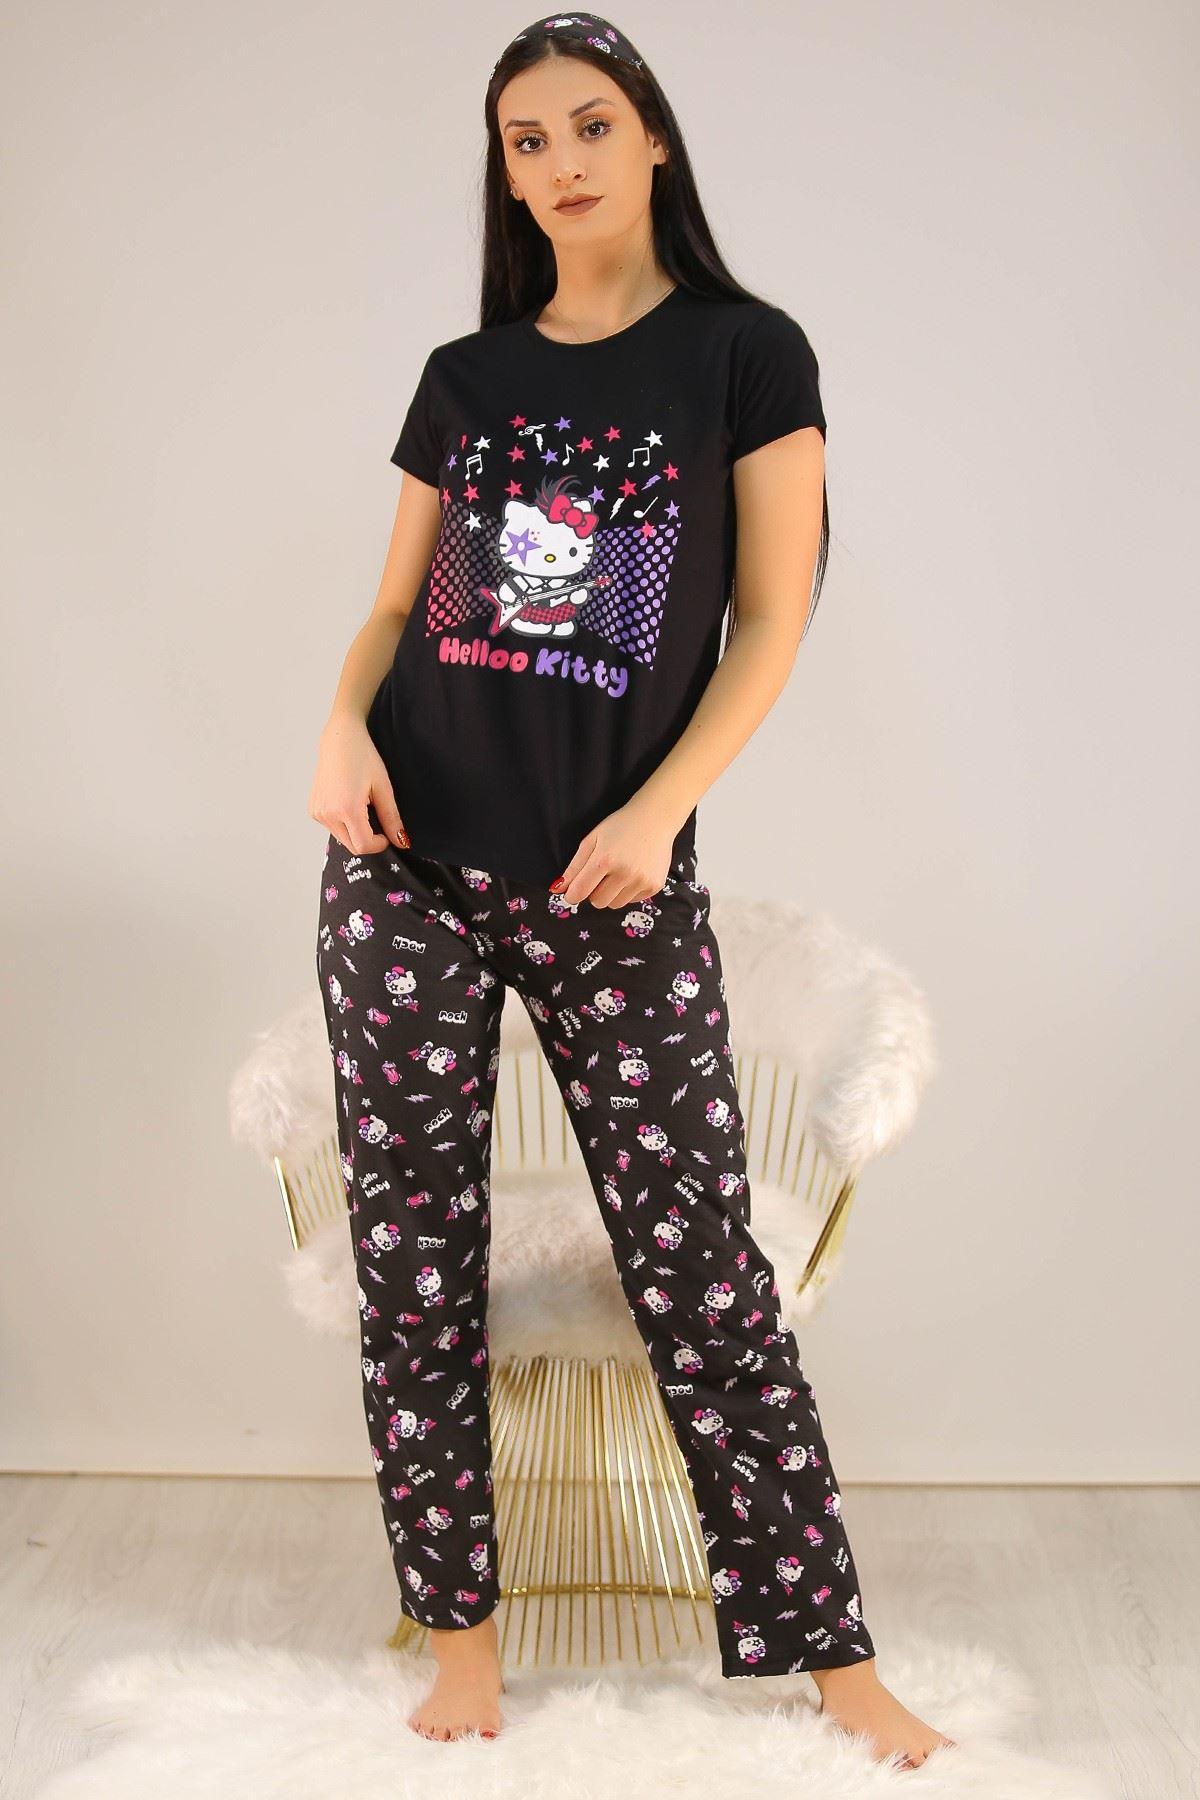 Baskılı Pijama Takımı Siyah - 21880.1059.